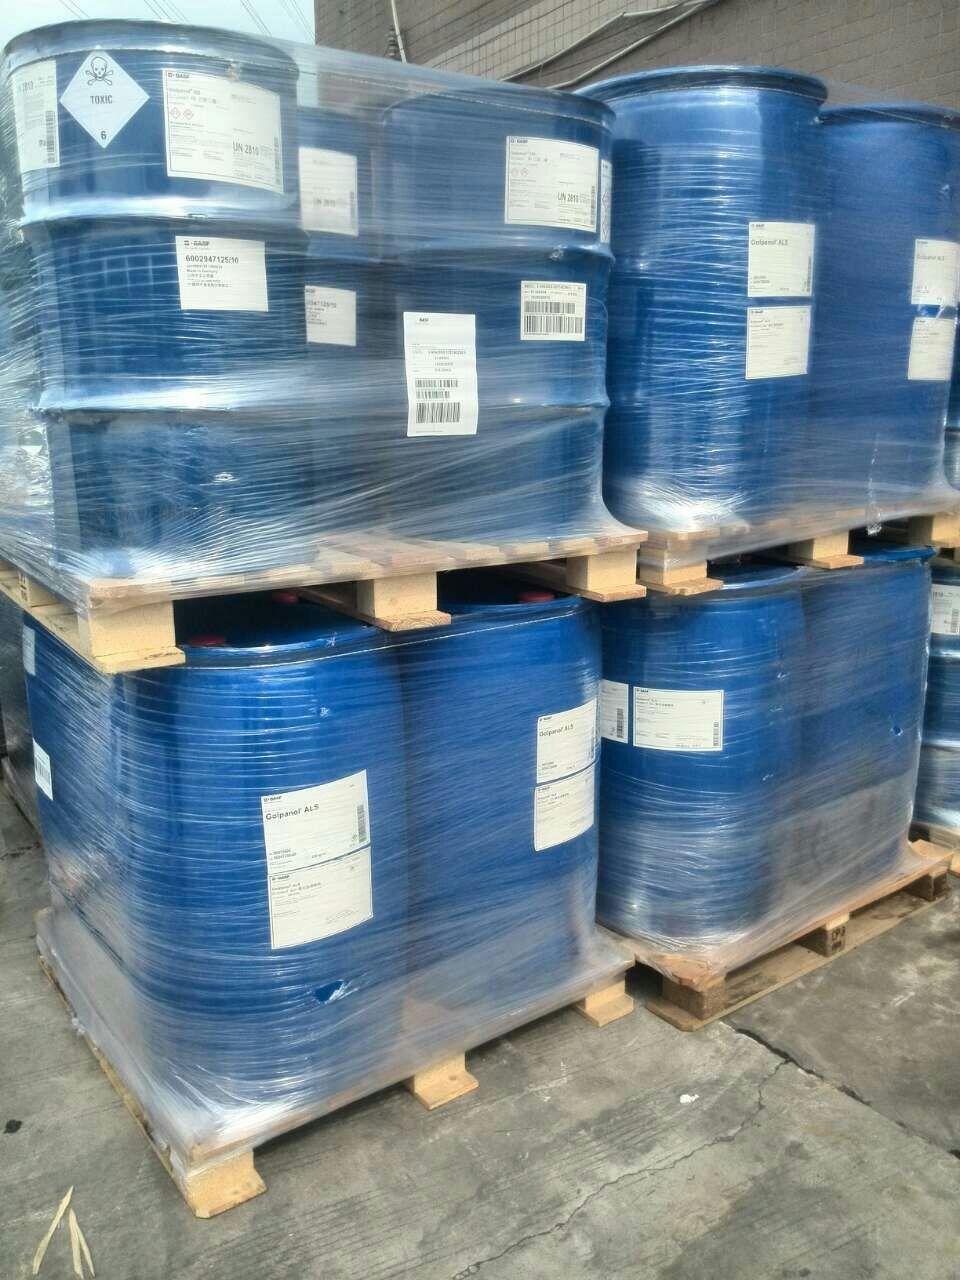 苏州到阜新细河化工液体涂料油漆物流专线危险品运输公司